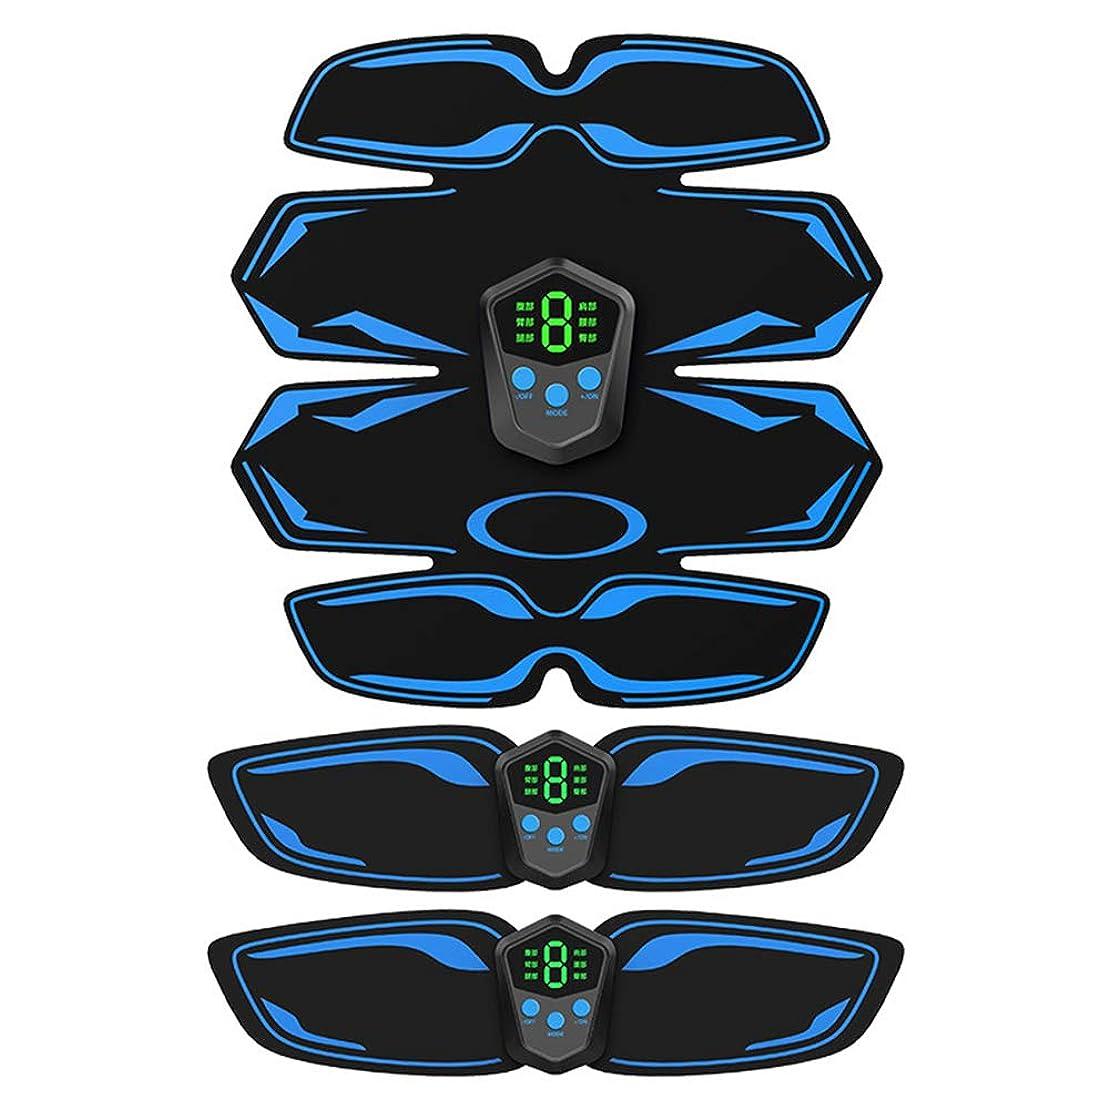 であるグループ防衛充電フィットネス機器腹部マッサージ刺激スマートフィットネス電気減量ステッカー体重減少ベルト